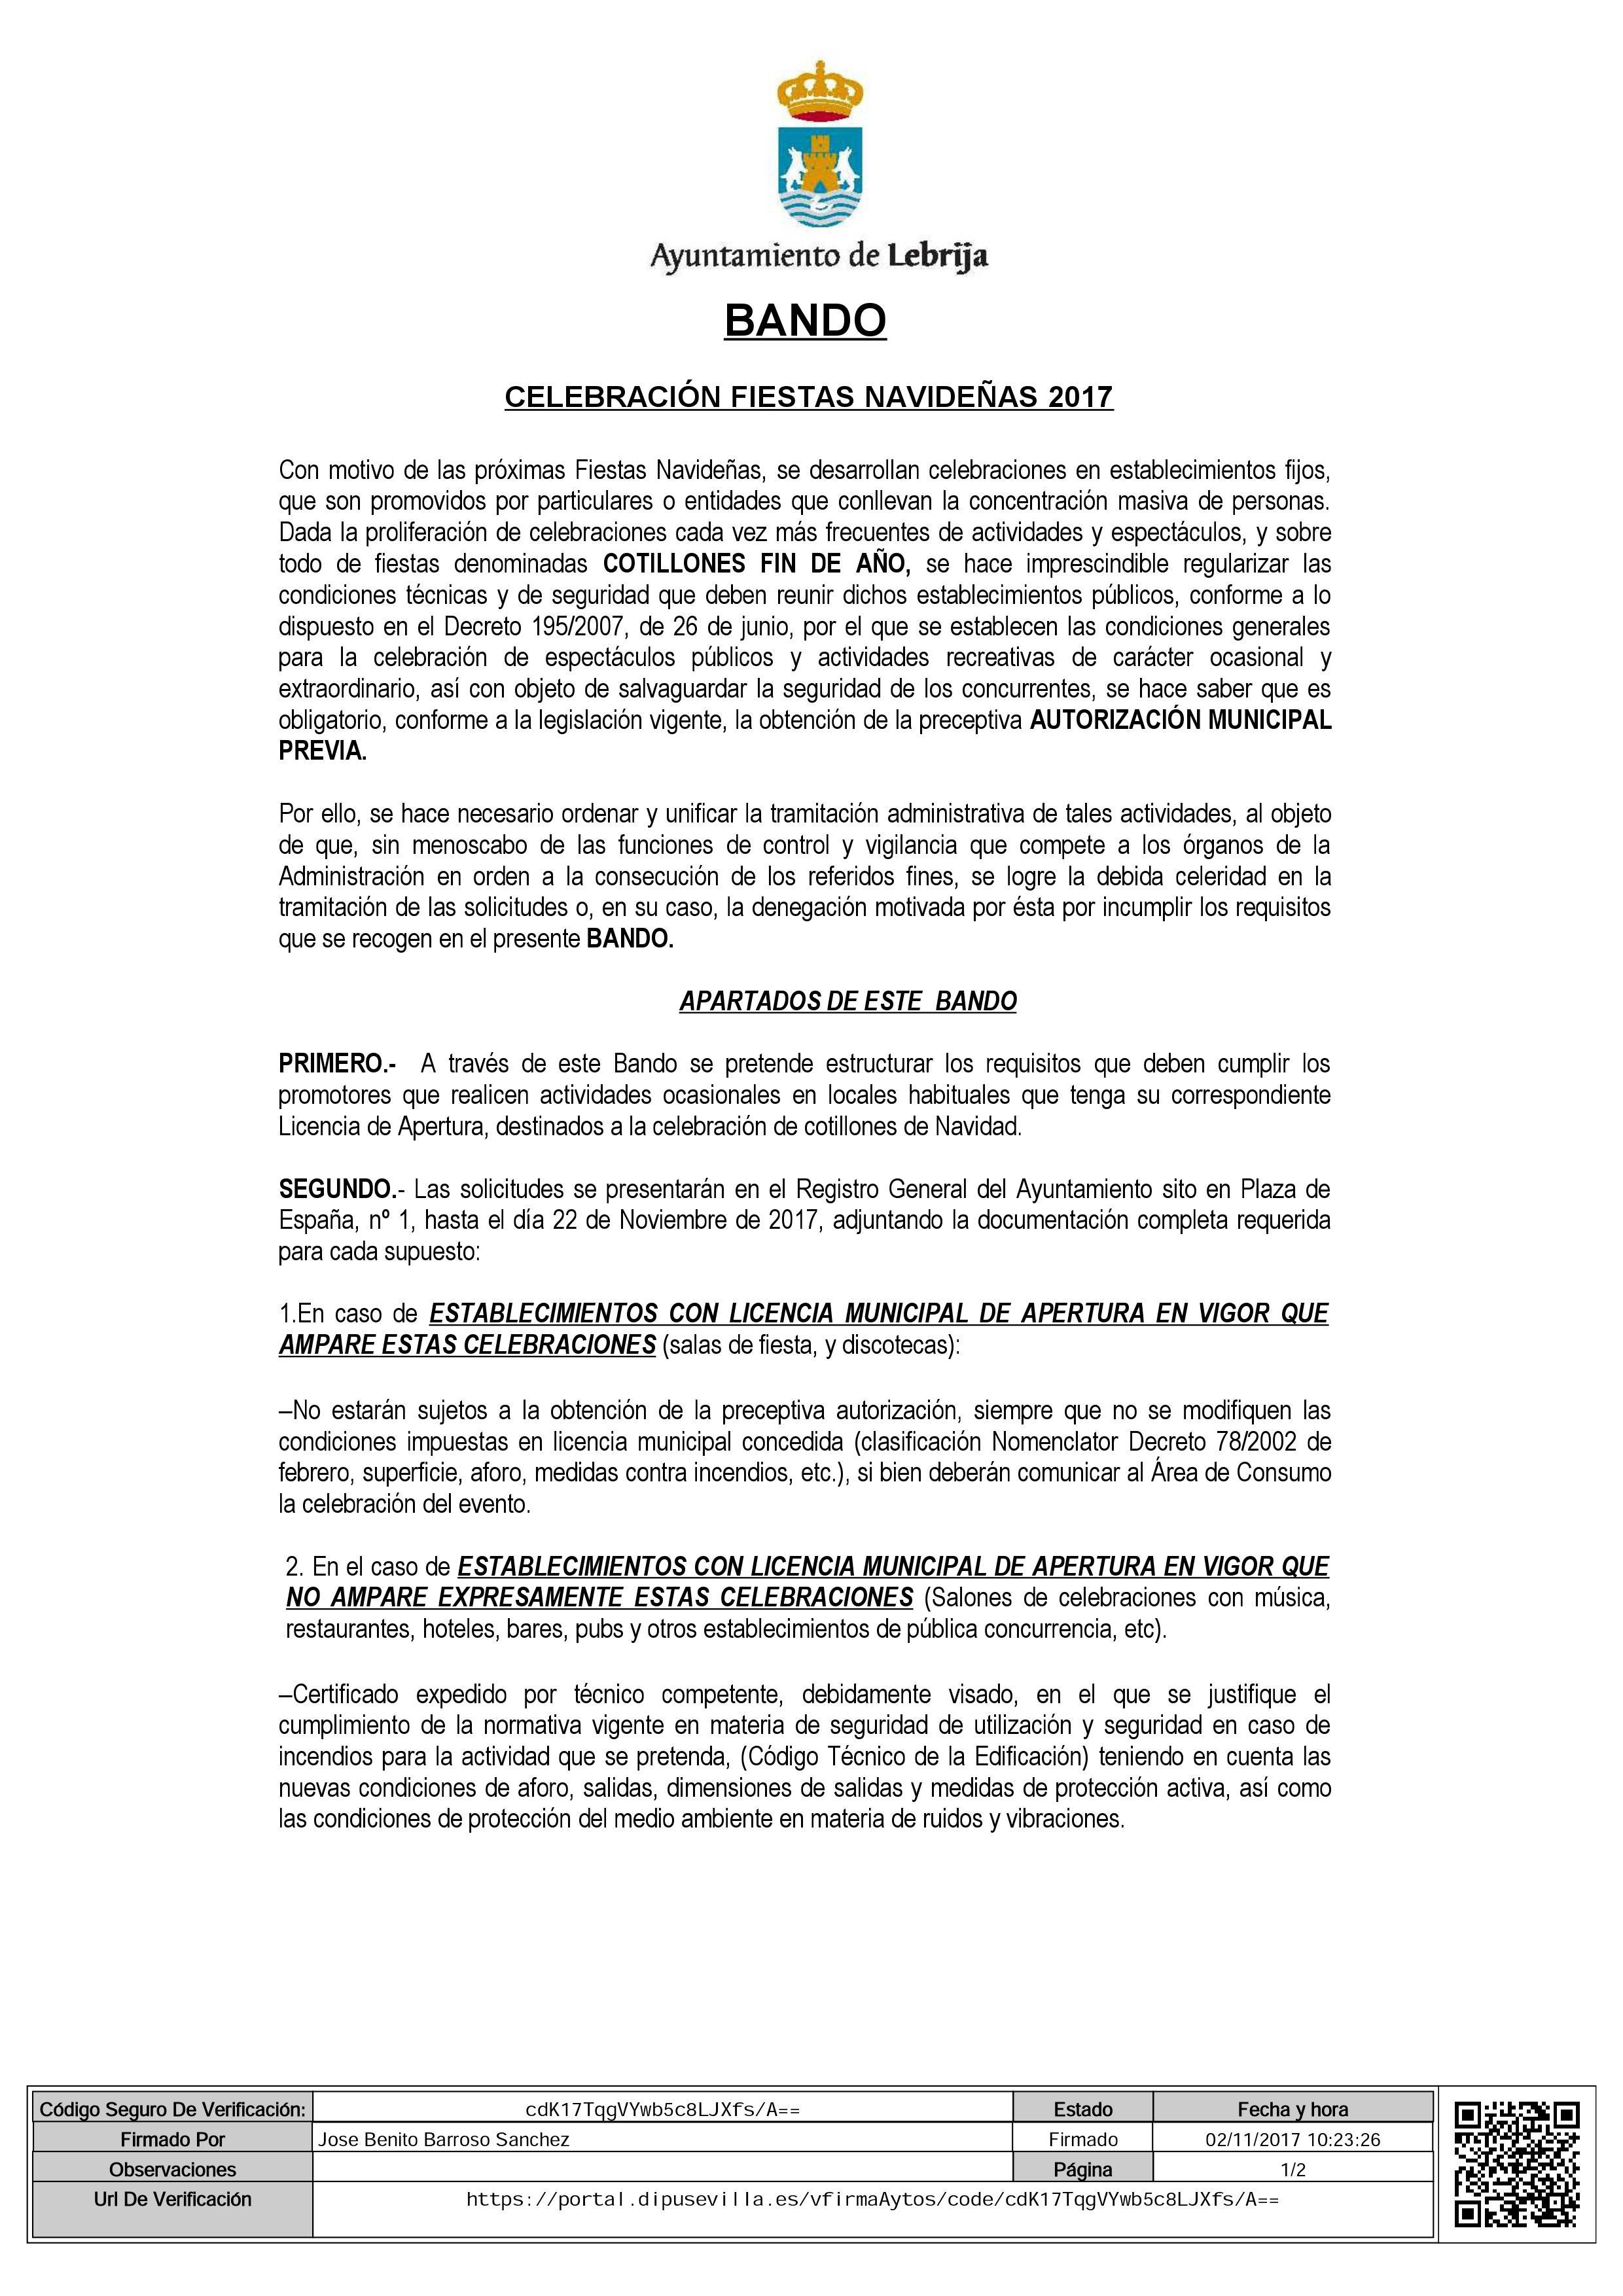 BANDO COTILLONES 2017_1